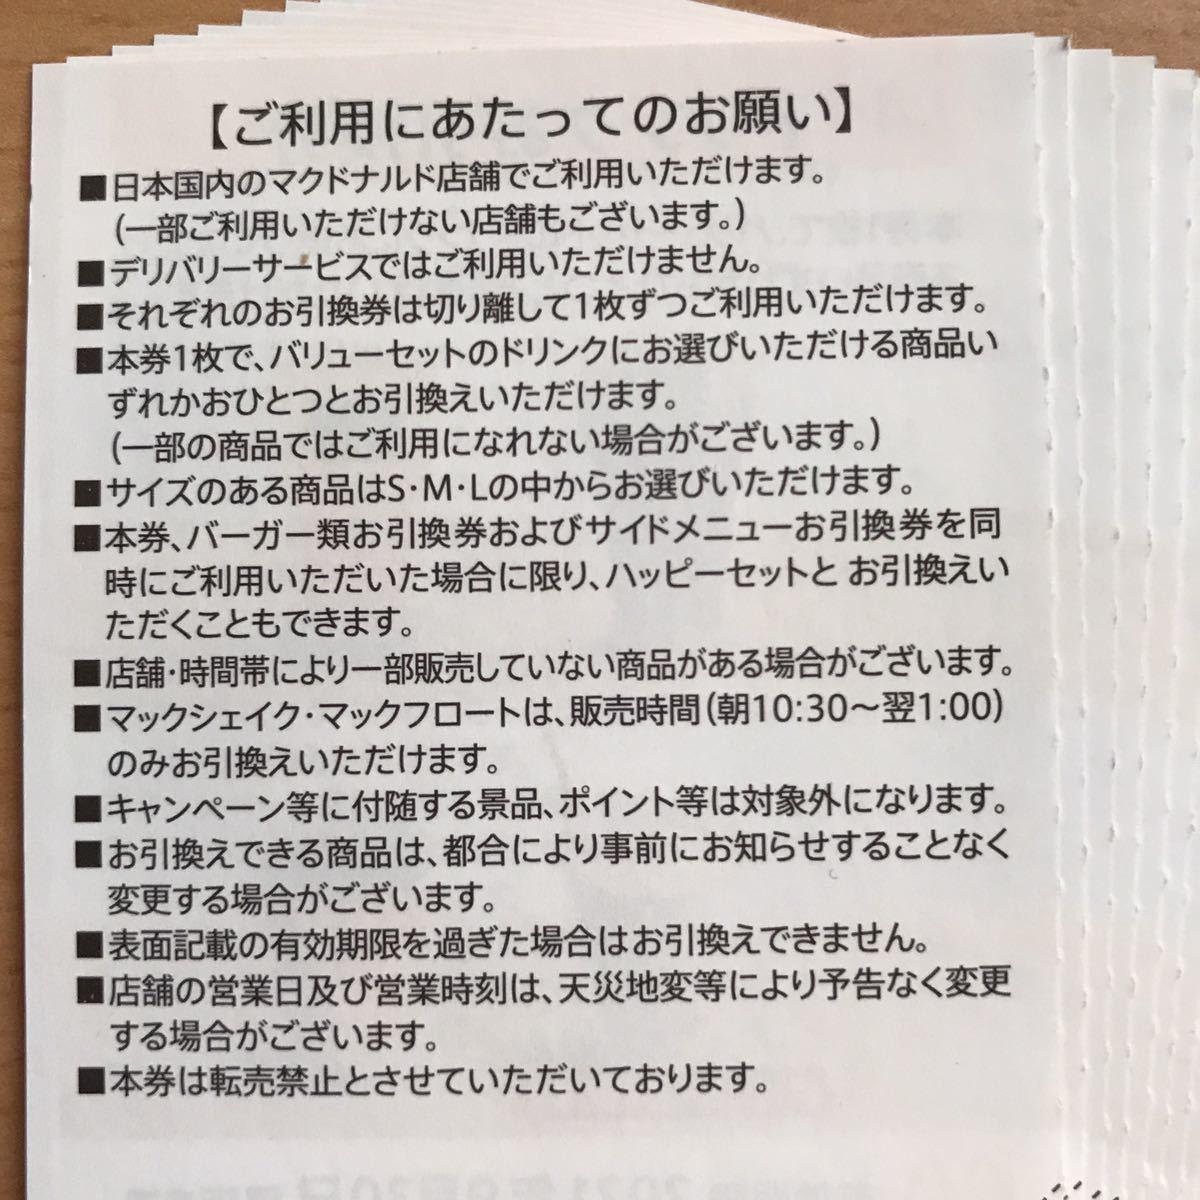 マクドナルド★株主優待★ドリンク引換券のみ 12枚 ③_画像2